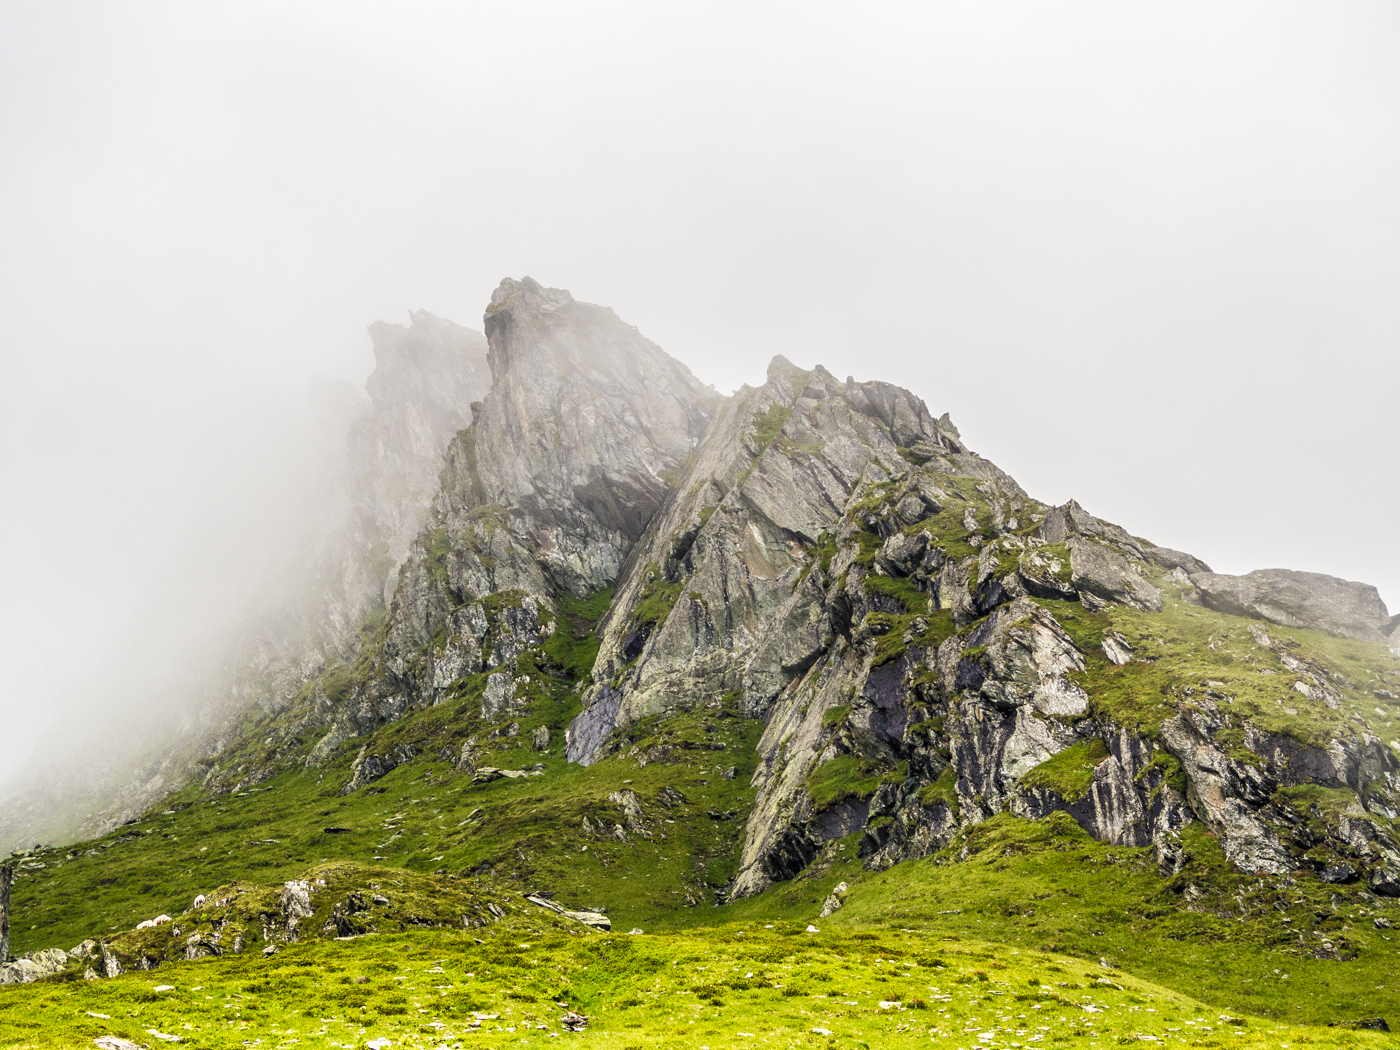 Mystisch hängt der Nebel in den Gipfeln.